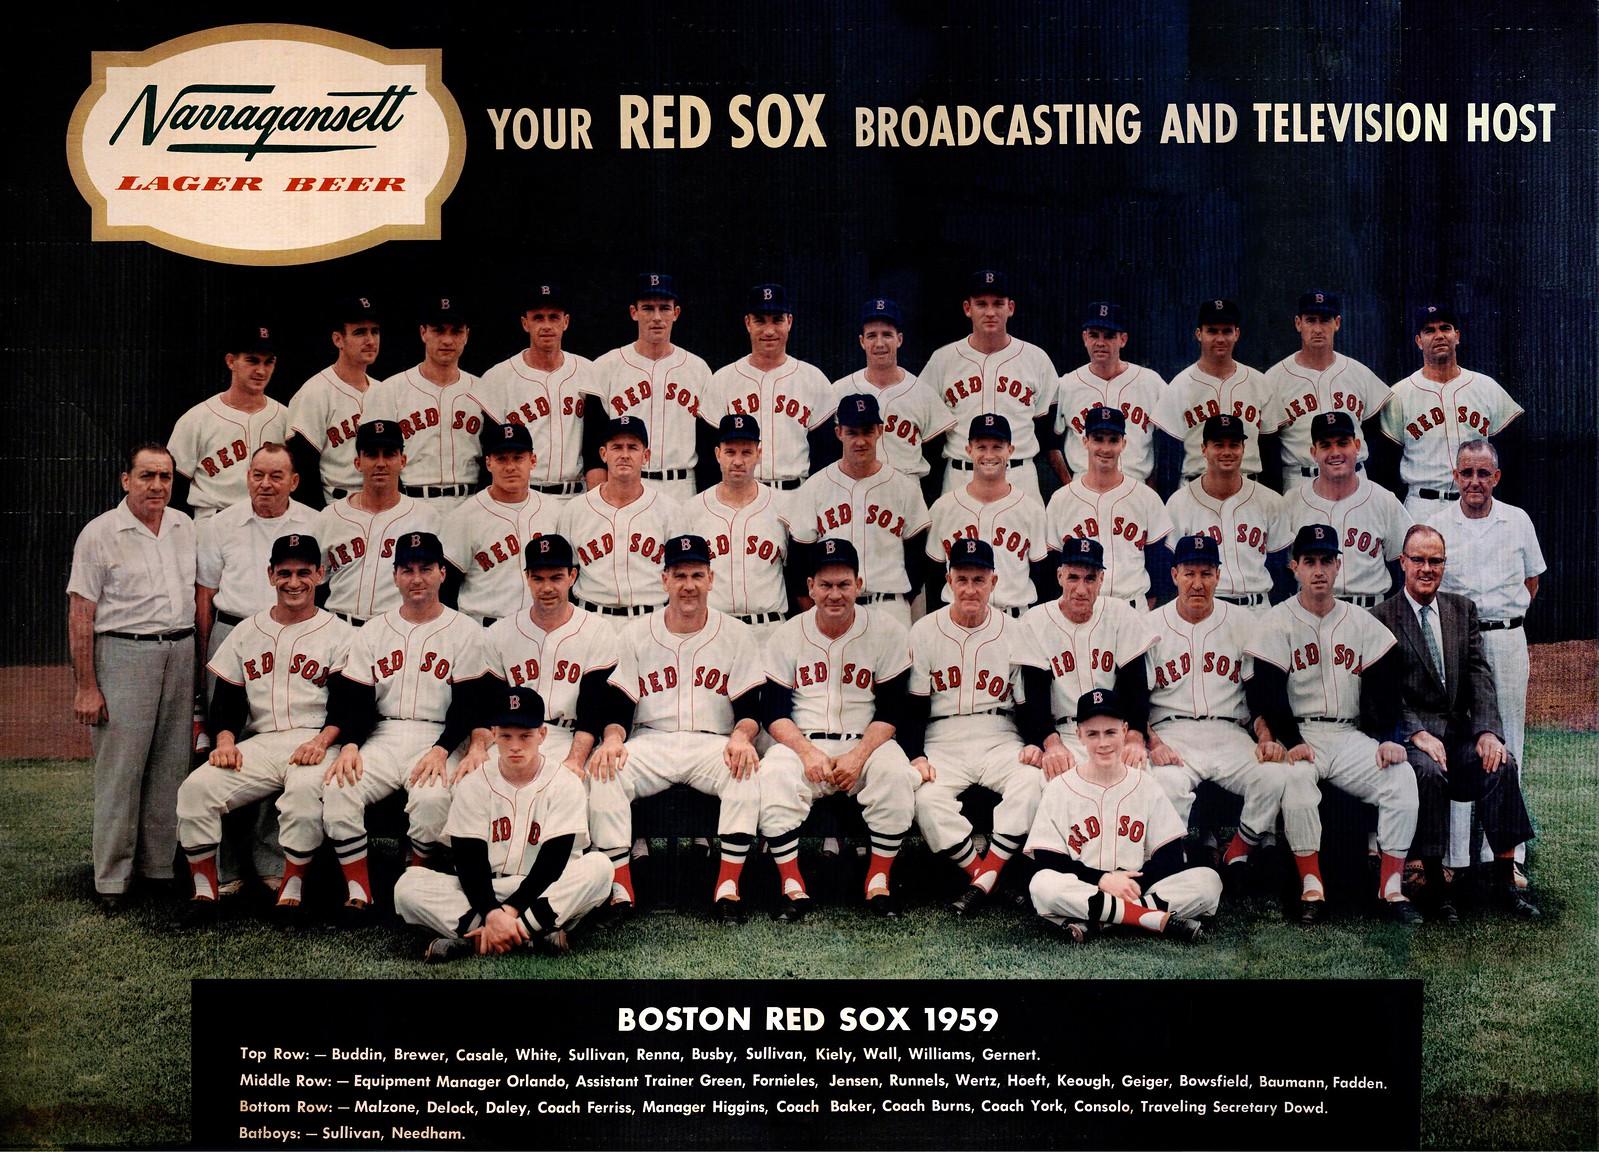 Official american league baseball hookup guide